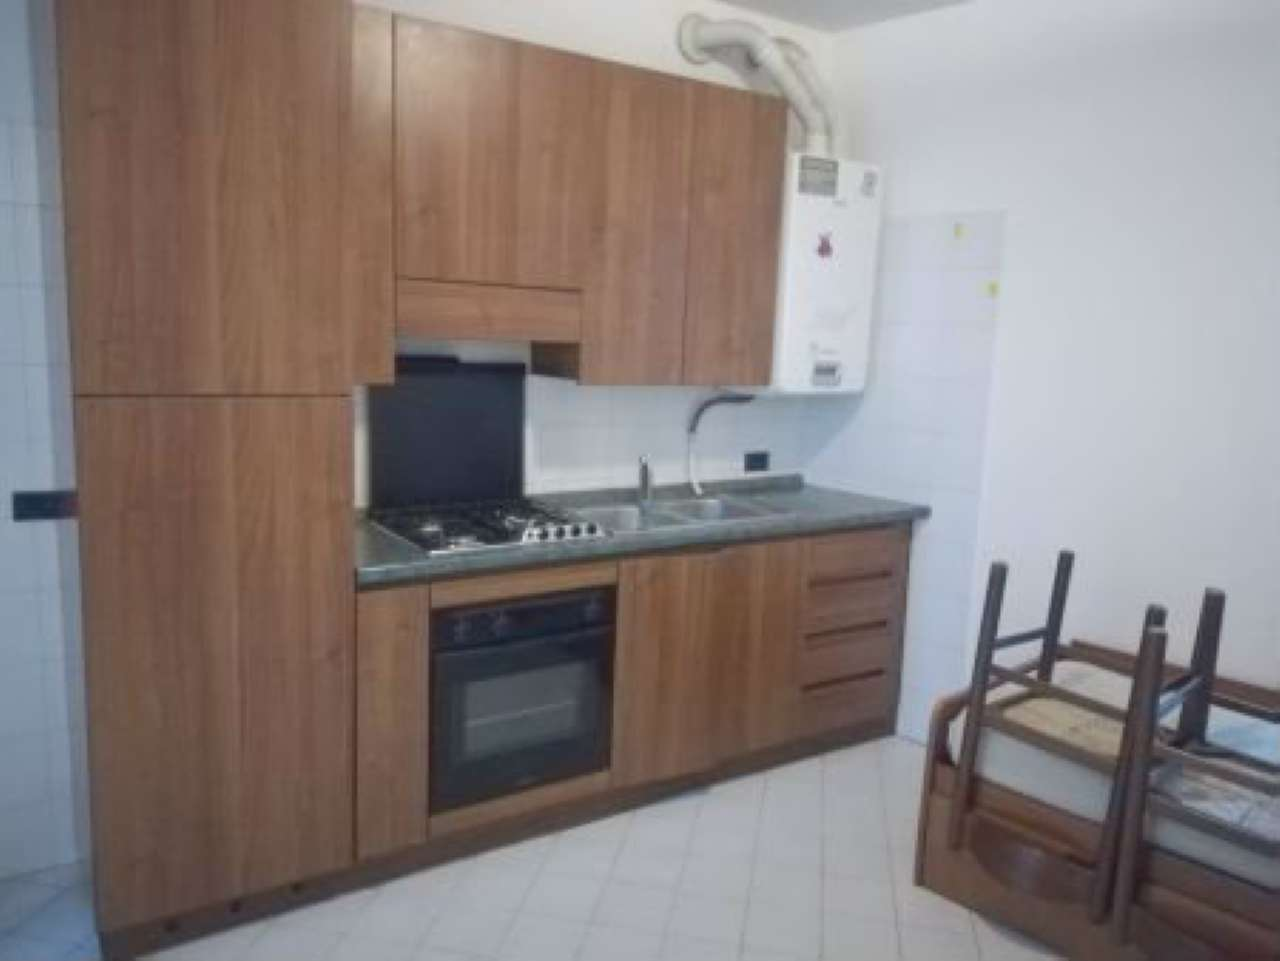 Appartamento in affitto a Sondrio, 2 locali, prezzo € 270 | CambioCasa.it